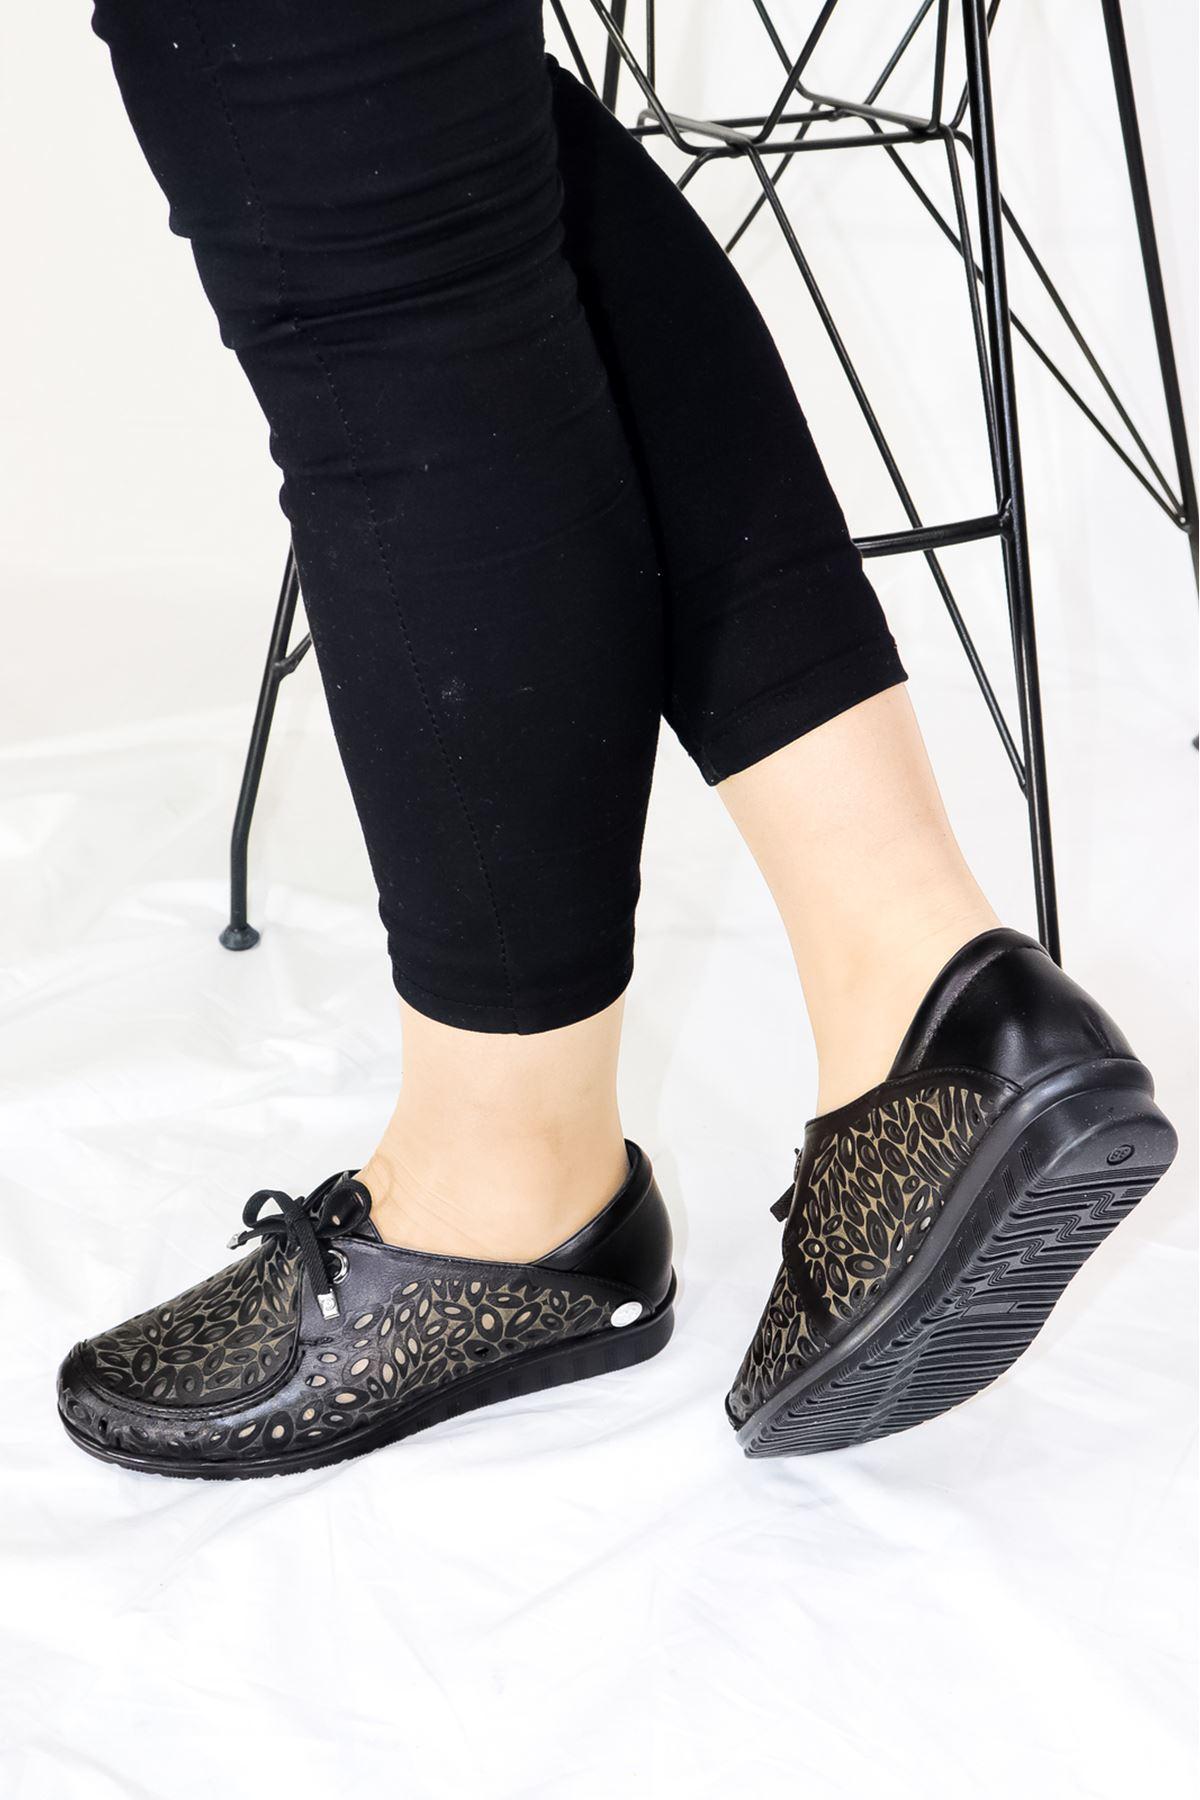 Mammamia - D21YA - 435 Siyah Bağcık Detaylı Kadın Ayakkabısı